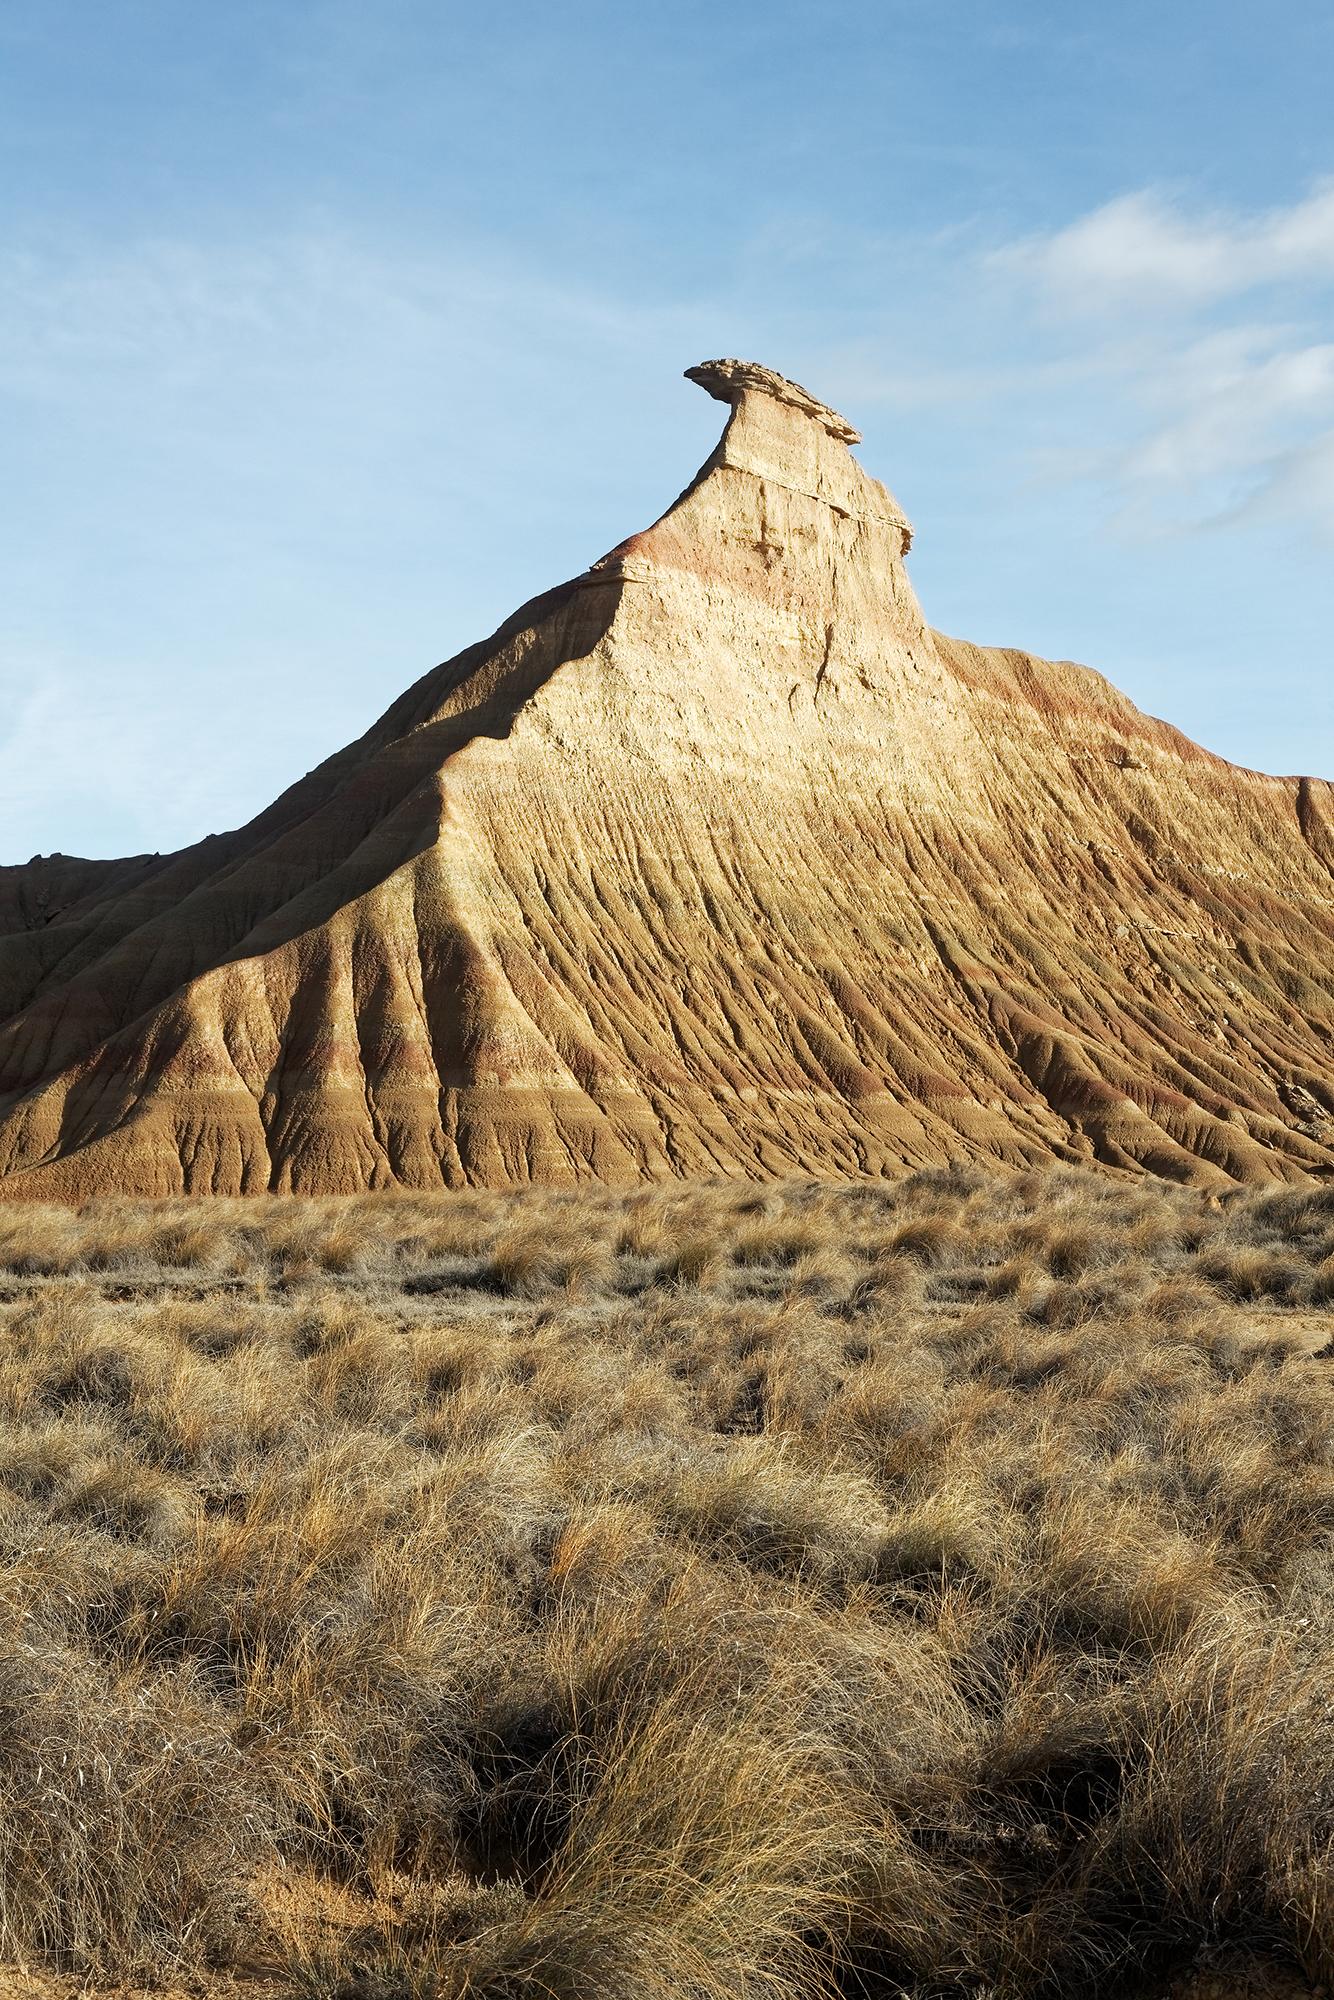 L'érosion façonne la roche pour lui donner cette forme singulière, Espagne